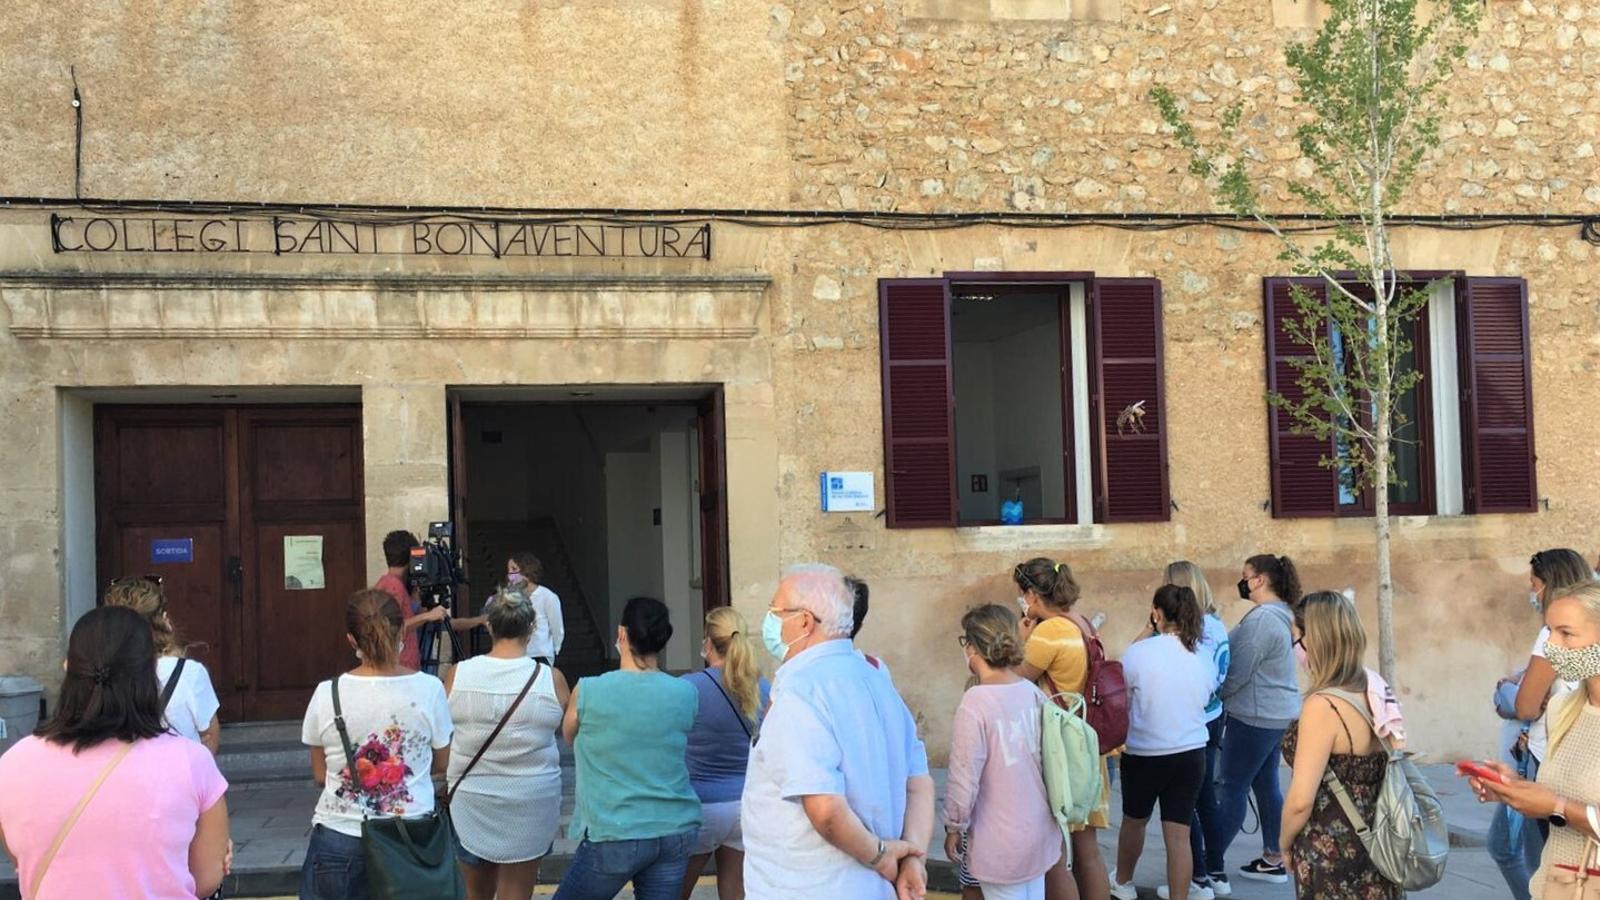 Mares i pares mobilitzats davant el col·legi Sant Bonaventura d'Artà./ ARXIU